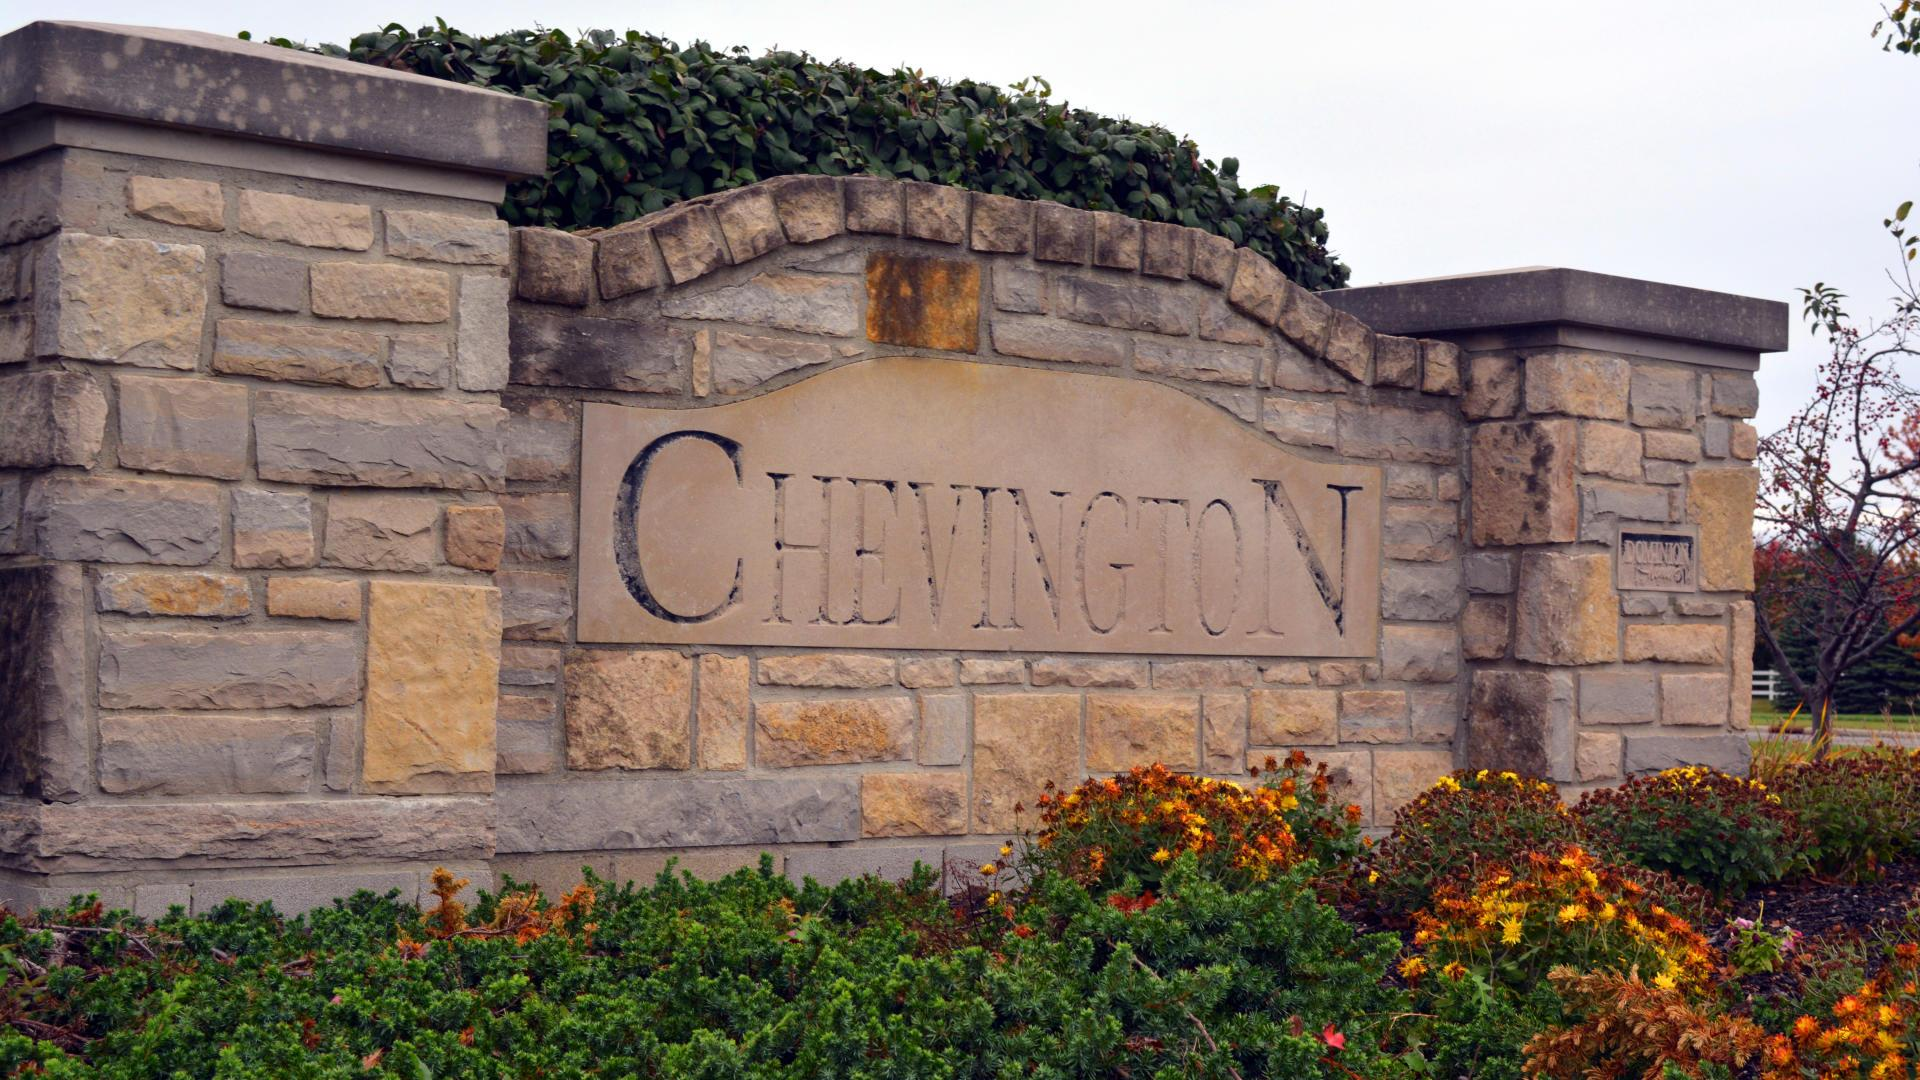 Chevington Place,43140